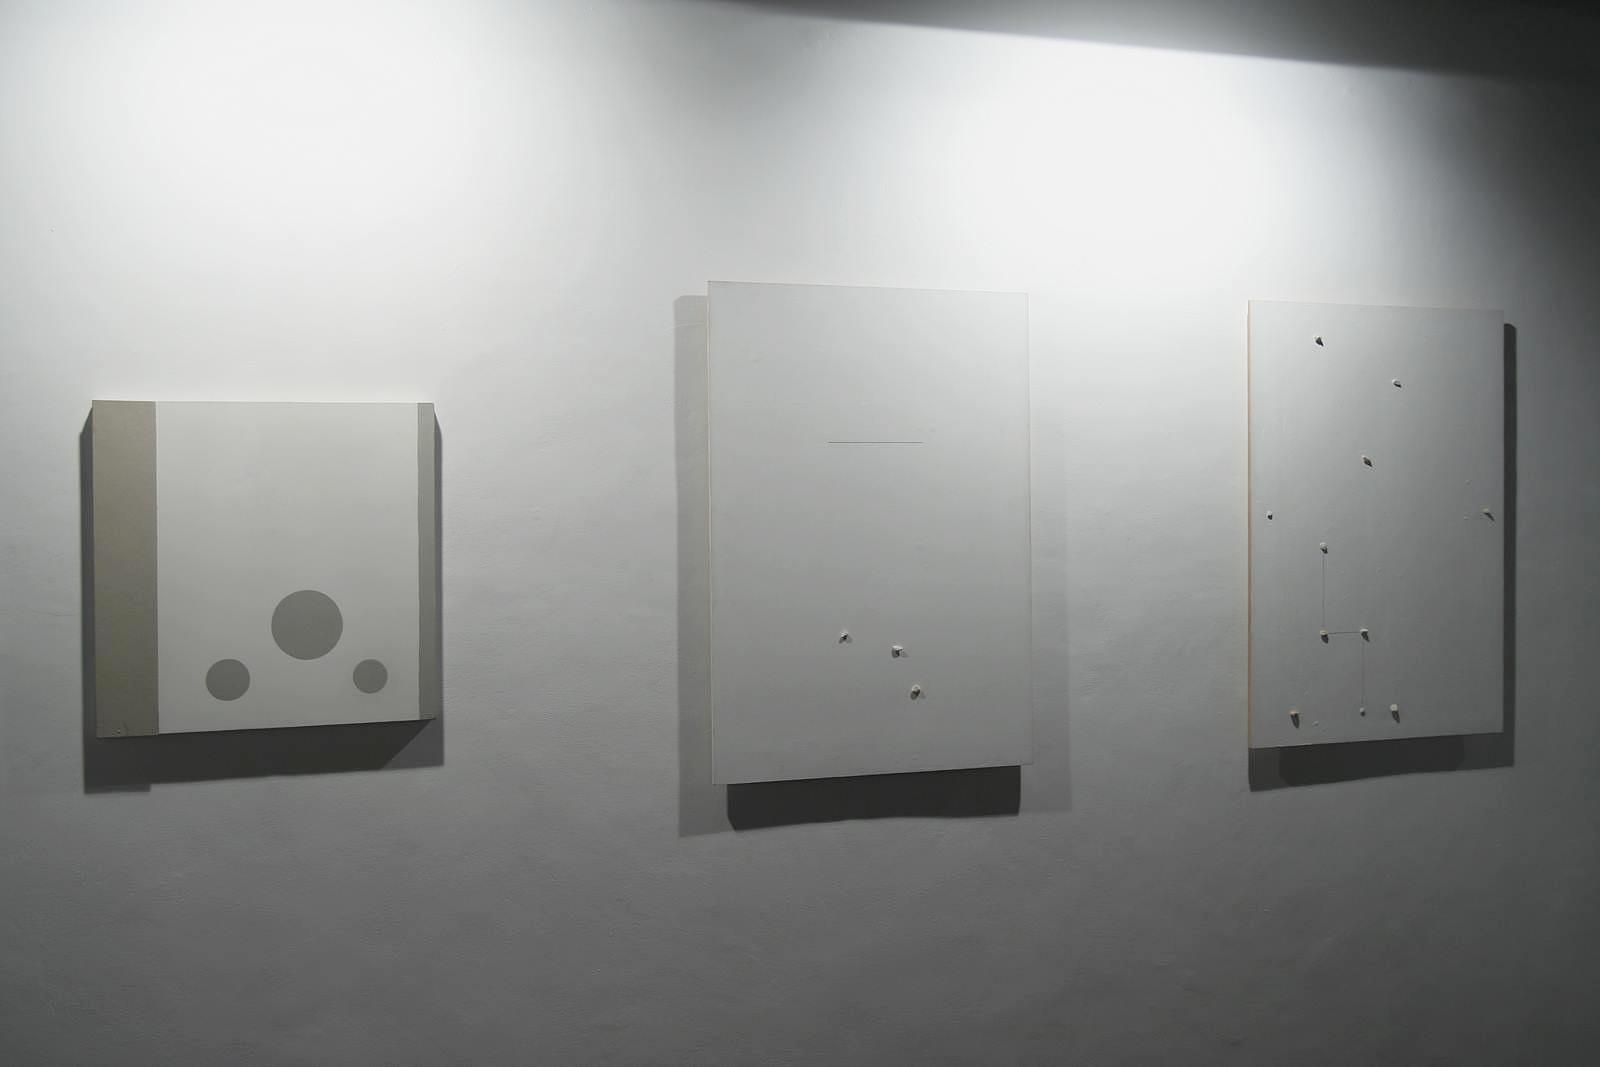 """Koji Kamoji, pierwszy odlewej obraz zcyklu """"Szablony inieskończoność"""", kolejne dwa duże zcyklu """"Białe obrazy zkamyczkami"""", 2013"""